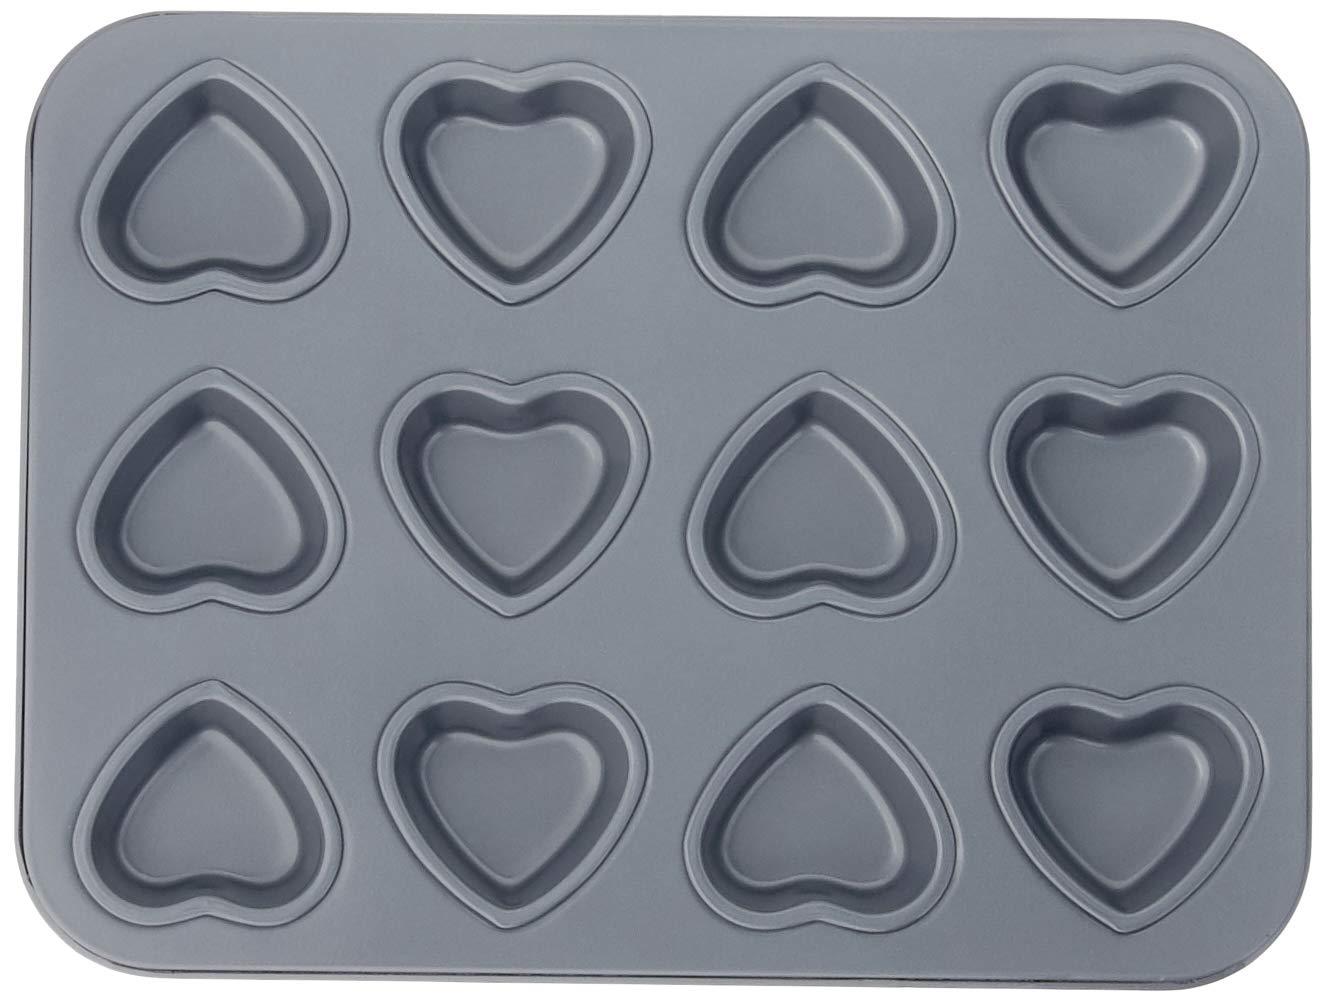 Fox Run 4493 Mini Heart Muffin Pan, 12-Cup, Preferred Non-Stick